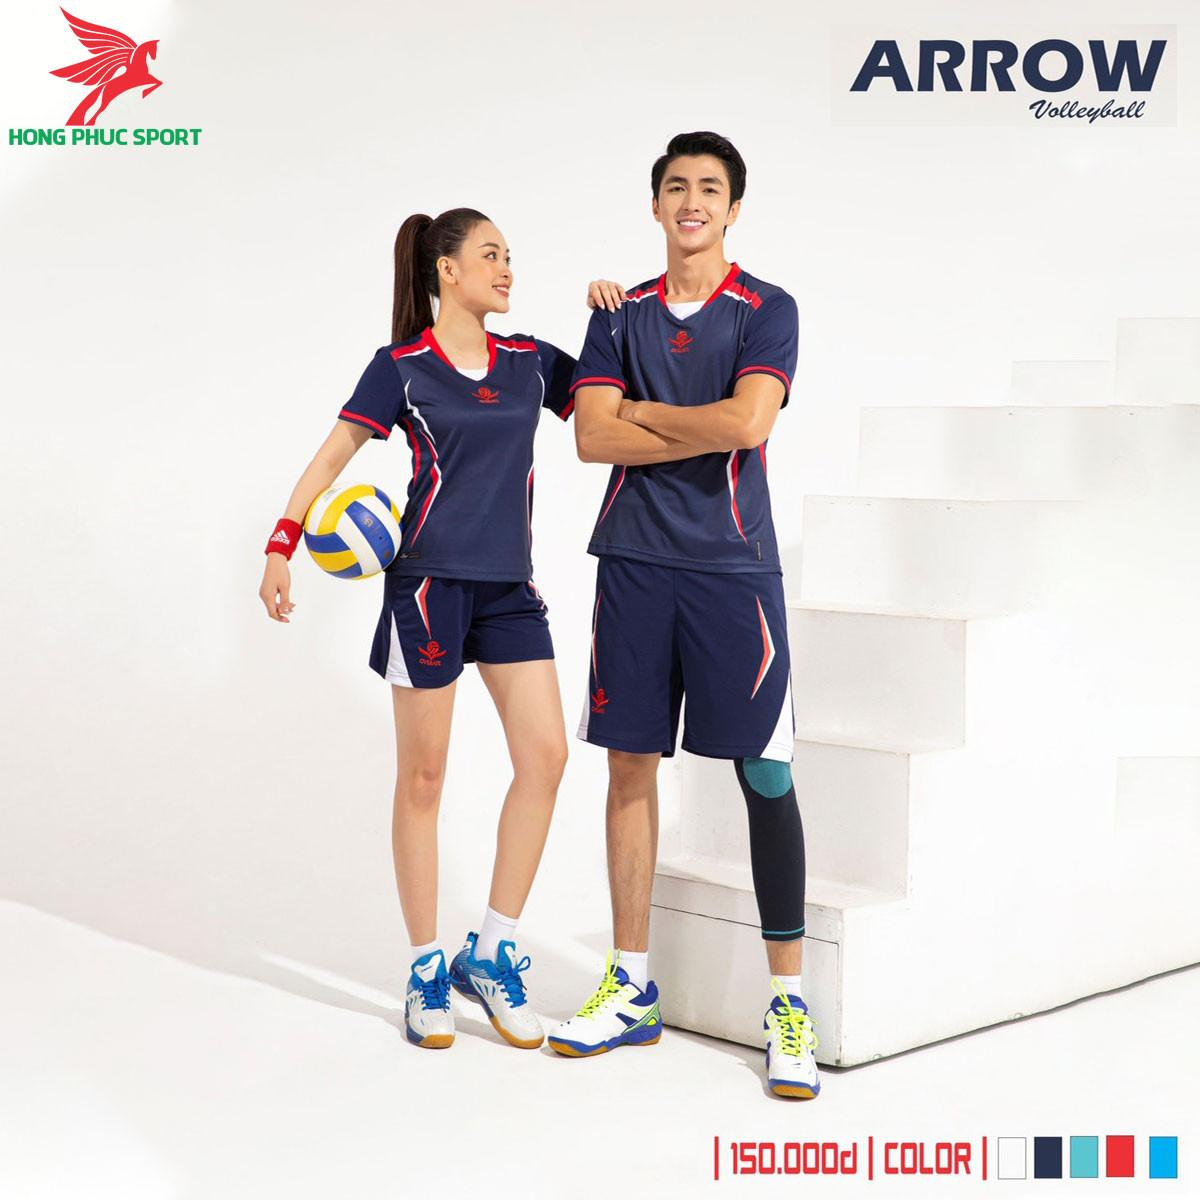 Áo thi đấu bóng chuyền Overate Arrow 2021 màu Tím than